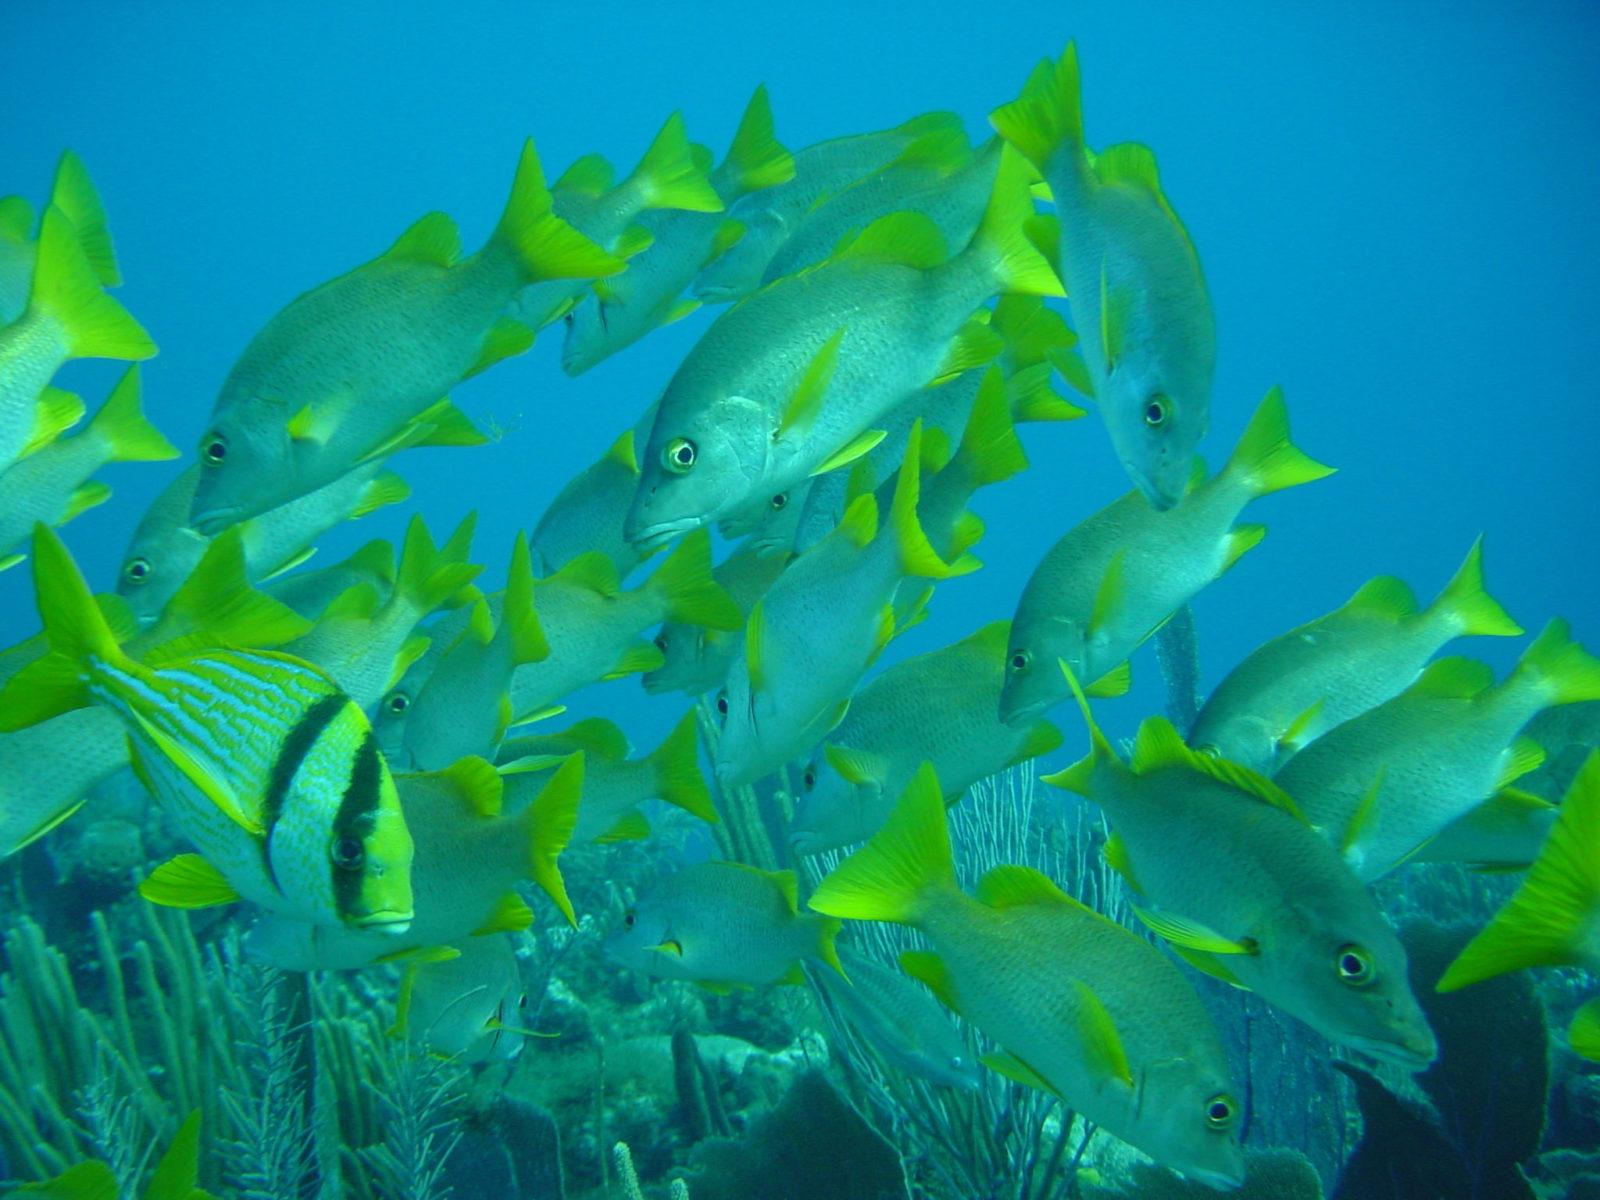 Mange fisker med grå kropper og gulgrønne finner svømmer i blått vann